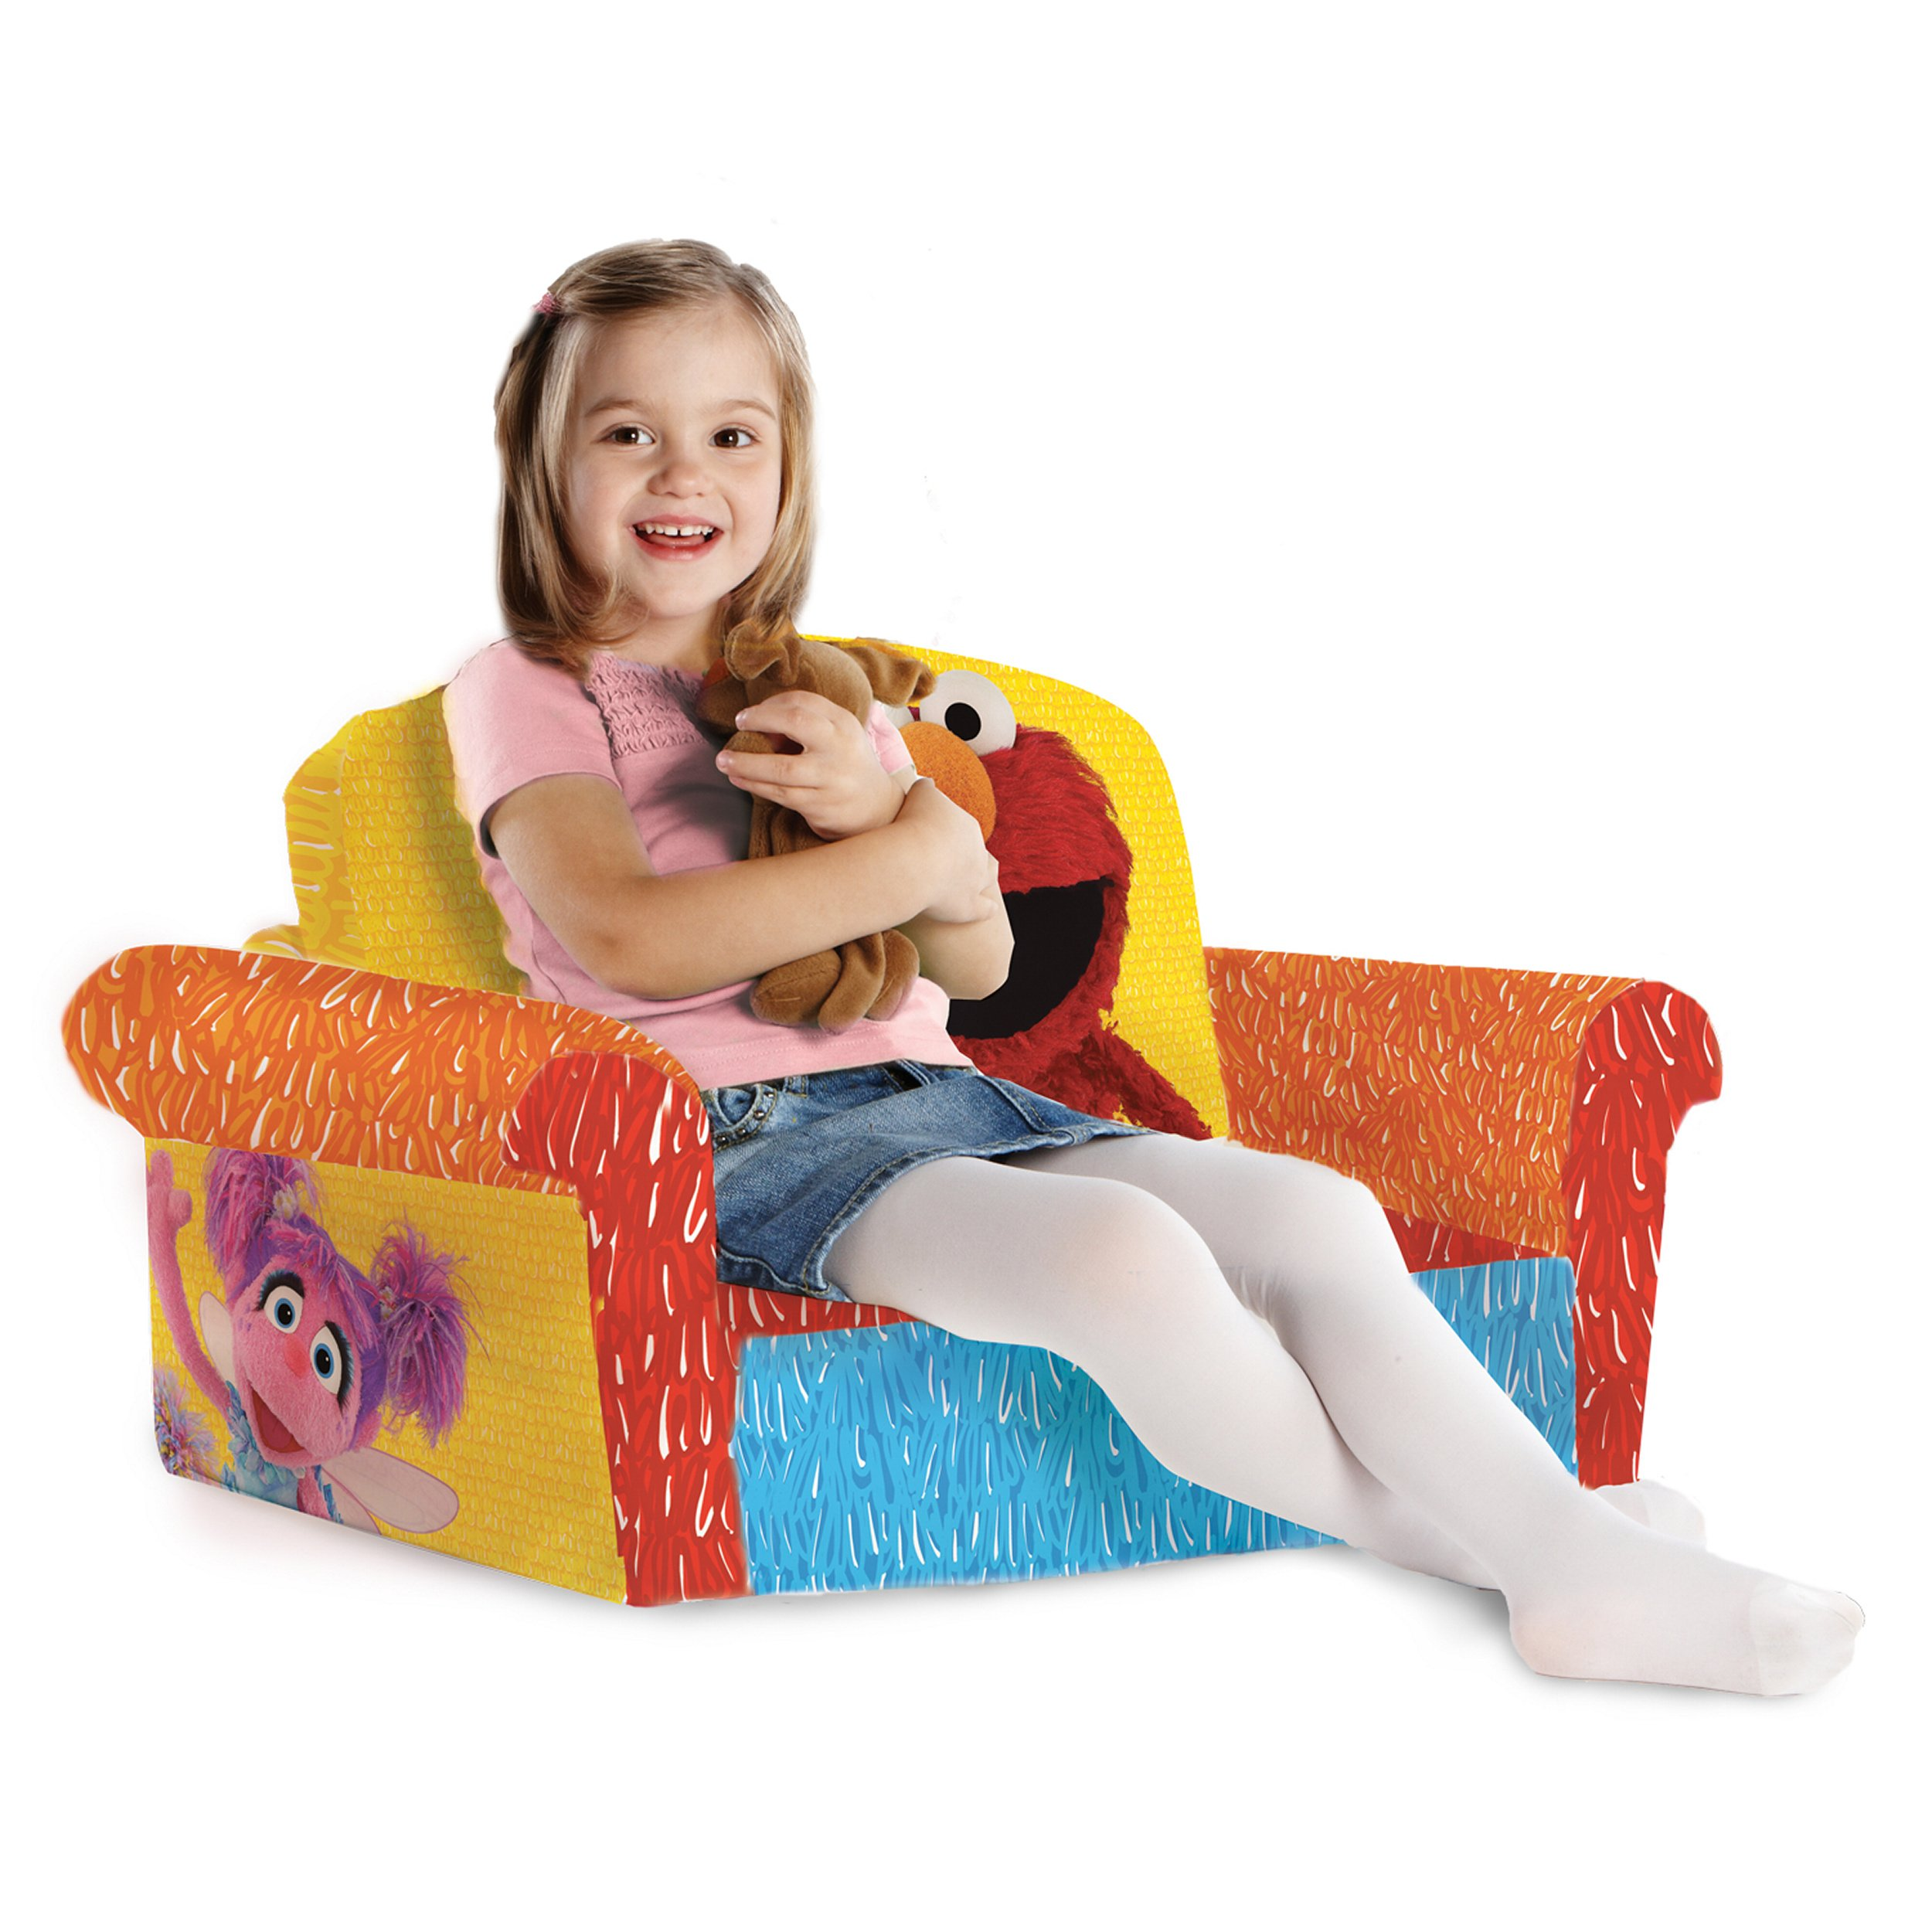 Marshmallow Furniture, Children's 2 in 1 Flip Open Foam Sofa, Sesame Street's Elmo/Sesame, by Spin Master by Marshmallow Furniture (Image #6)